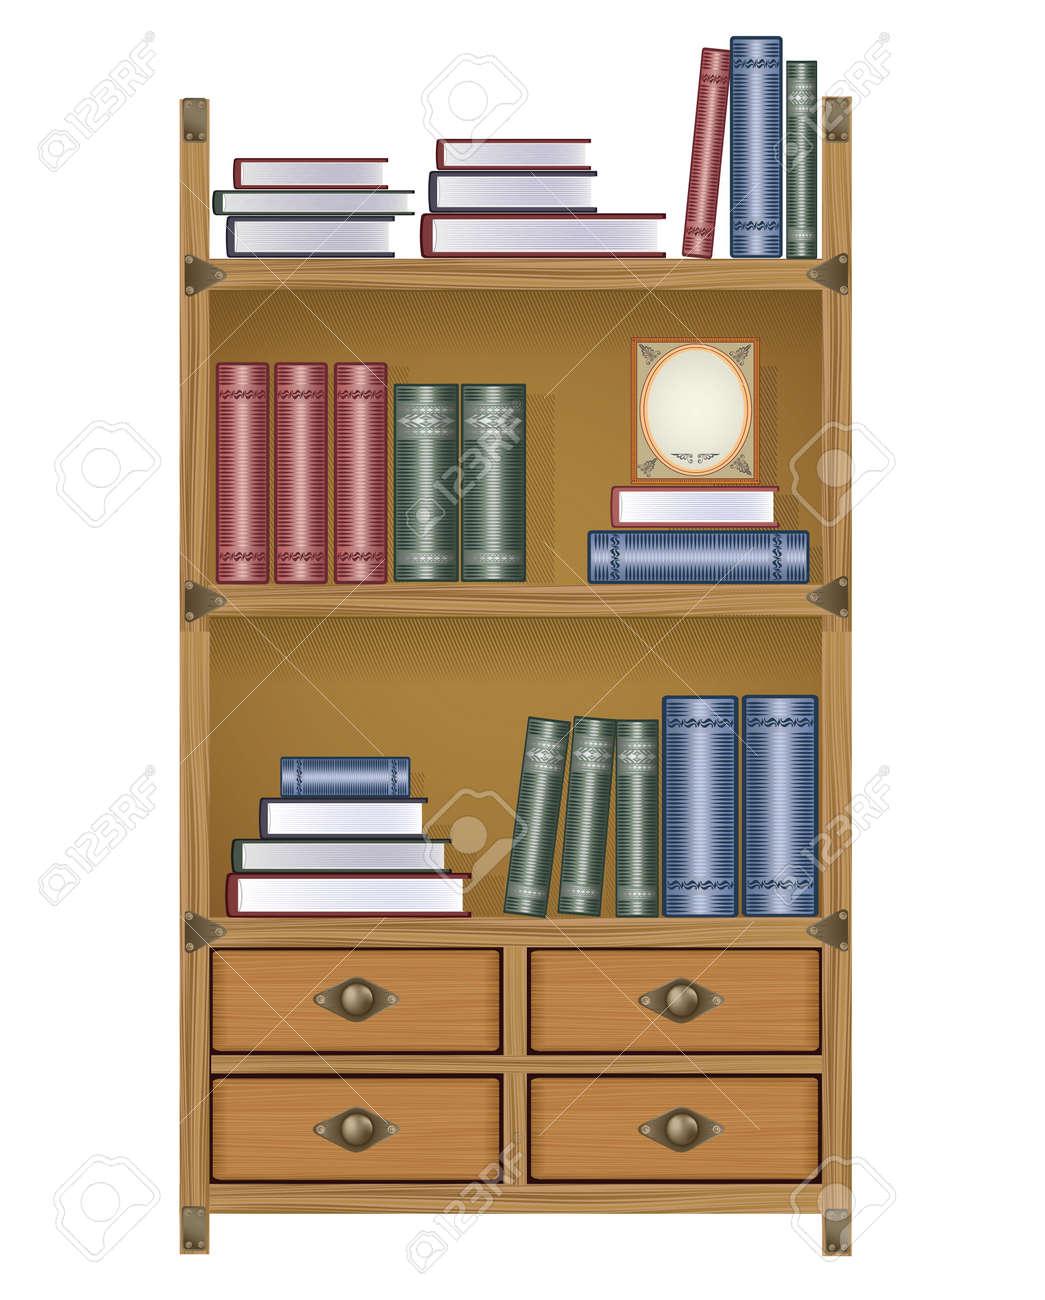 Книжный шкаф с книгами и коробками клипарты, векторы, и набо.